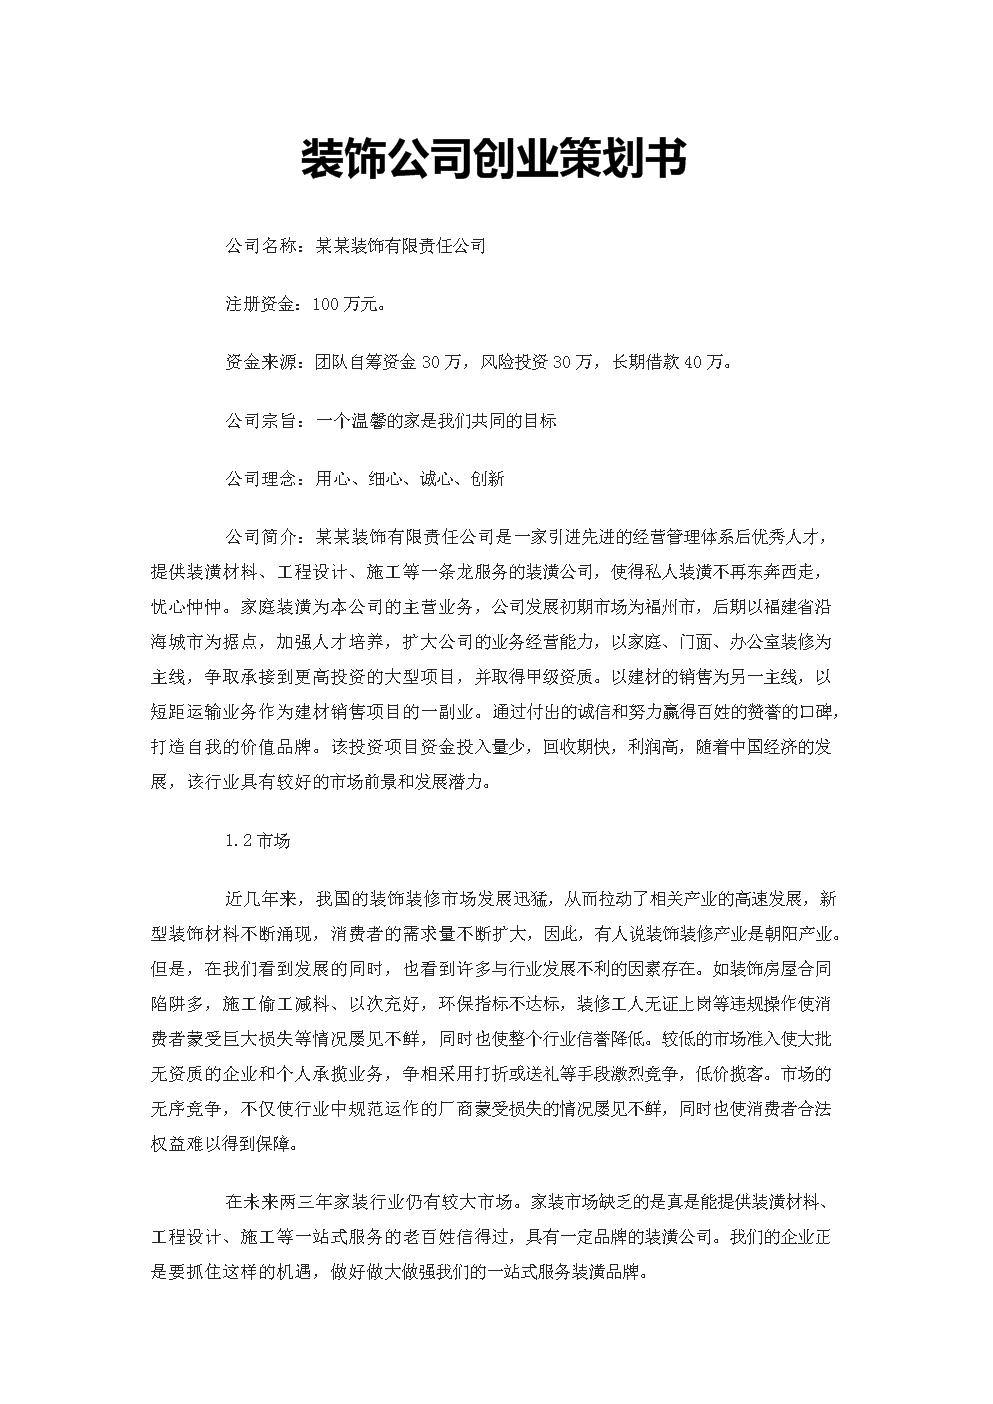 2019年装饰公司策划书.docx